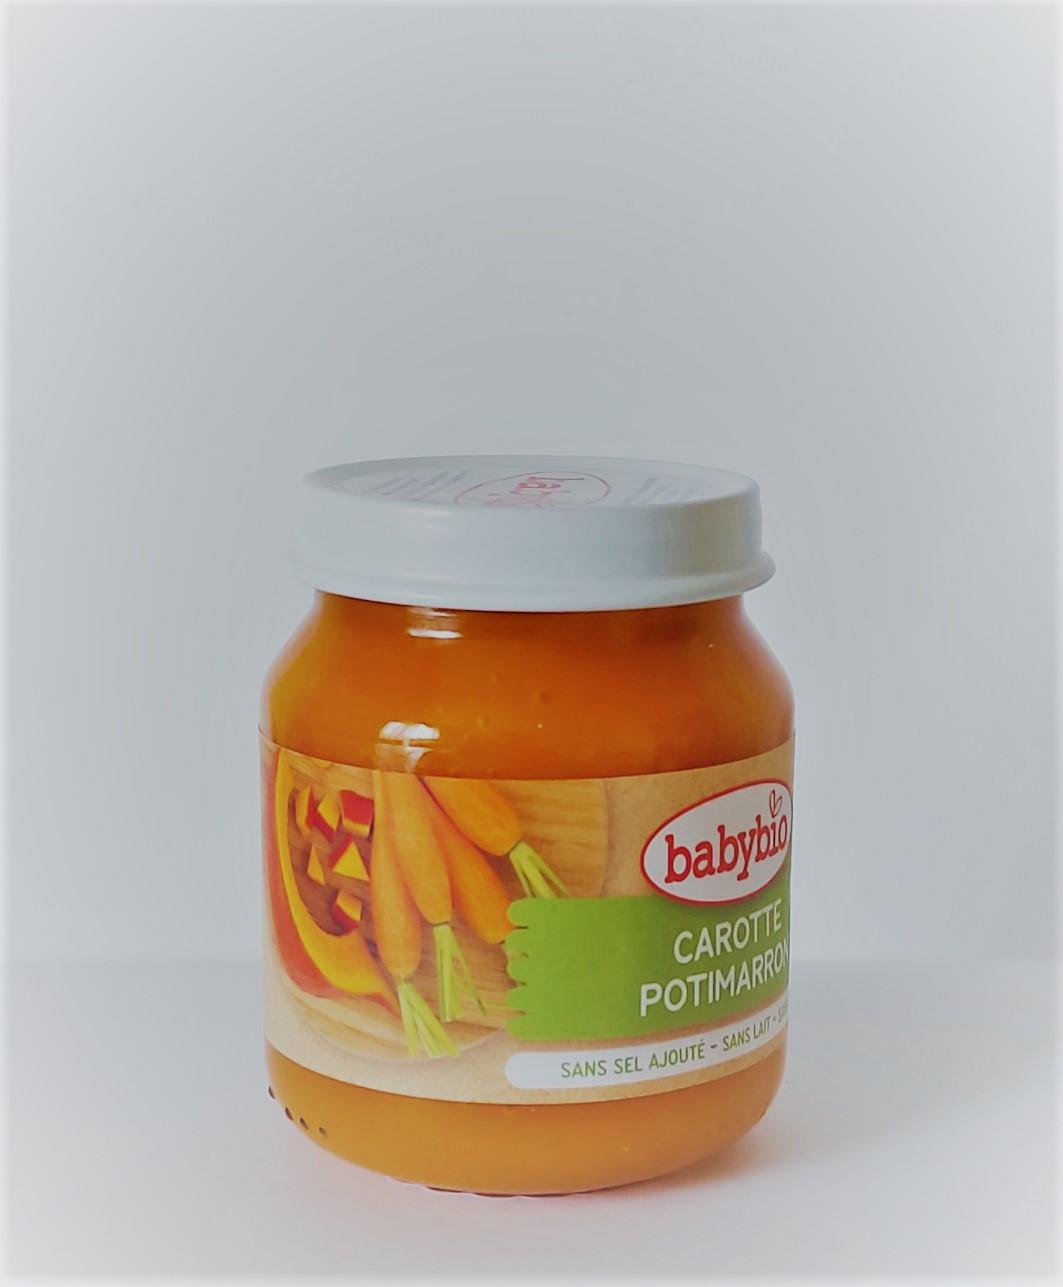 Органічне пюре з моркви та китайського гарбуза, 130 гр - купить в интернет-магазине Юнимед